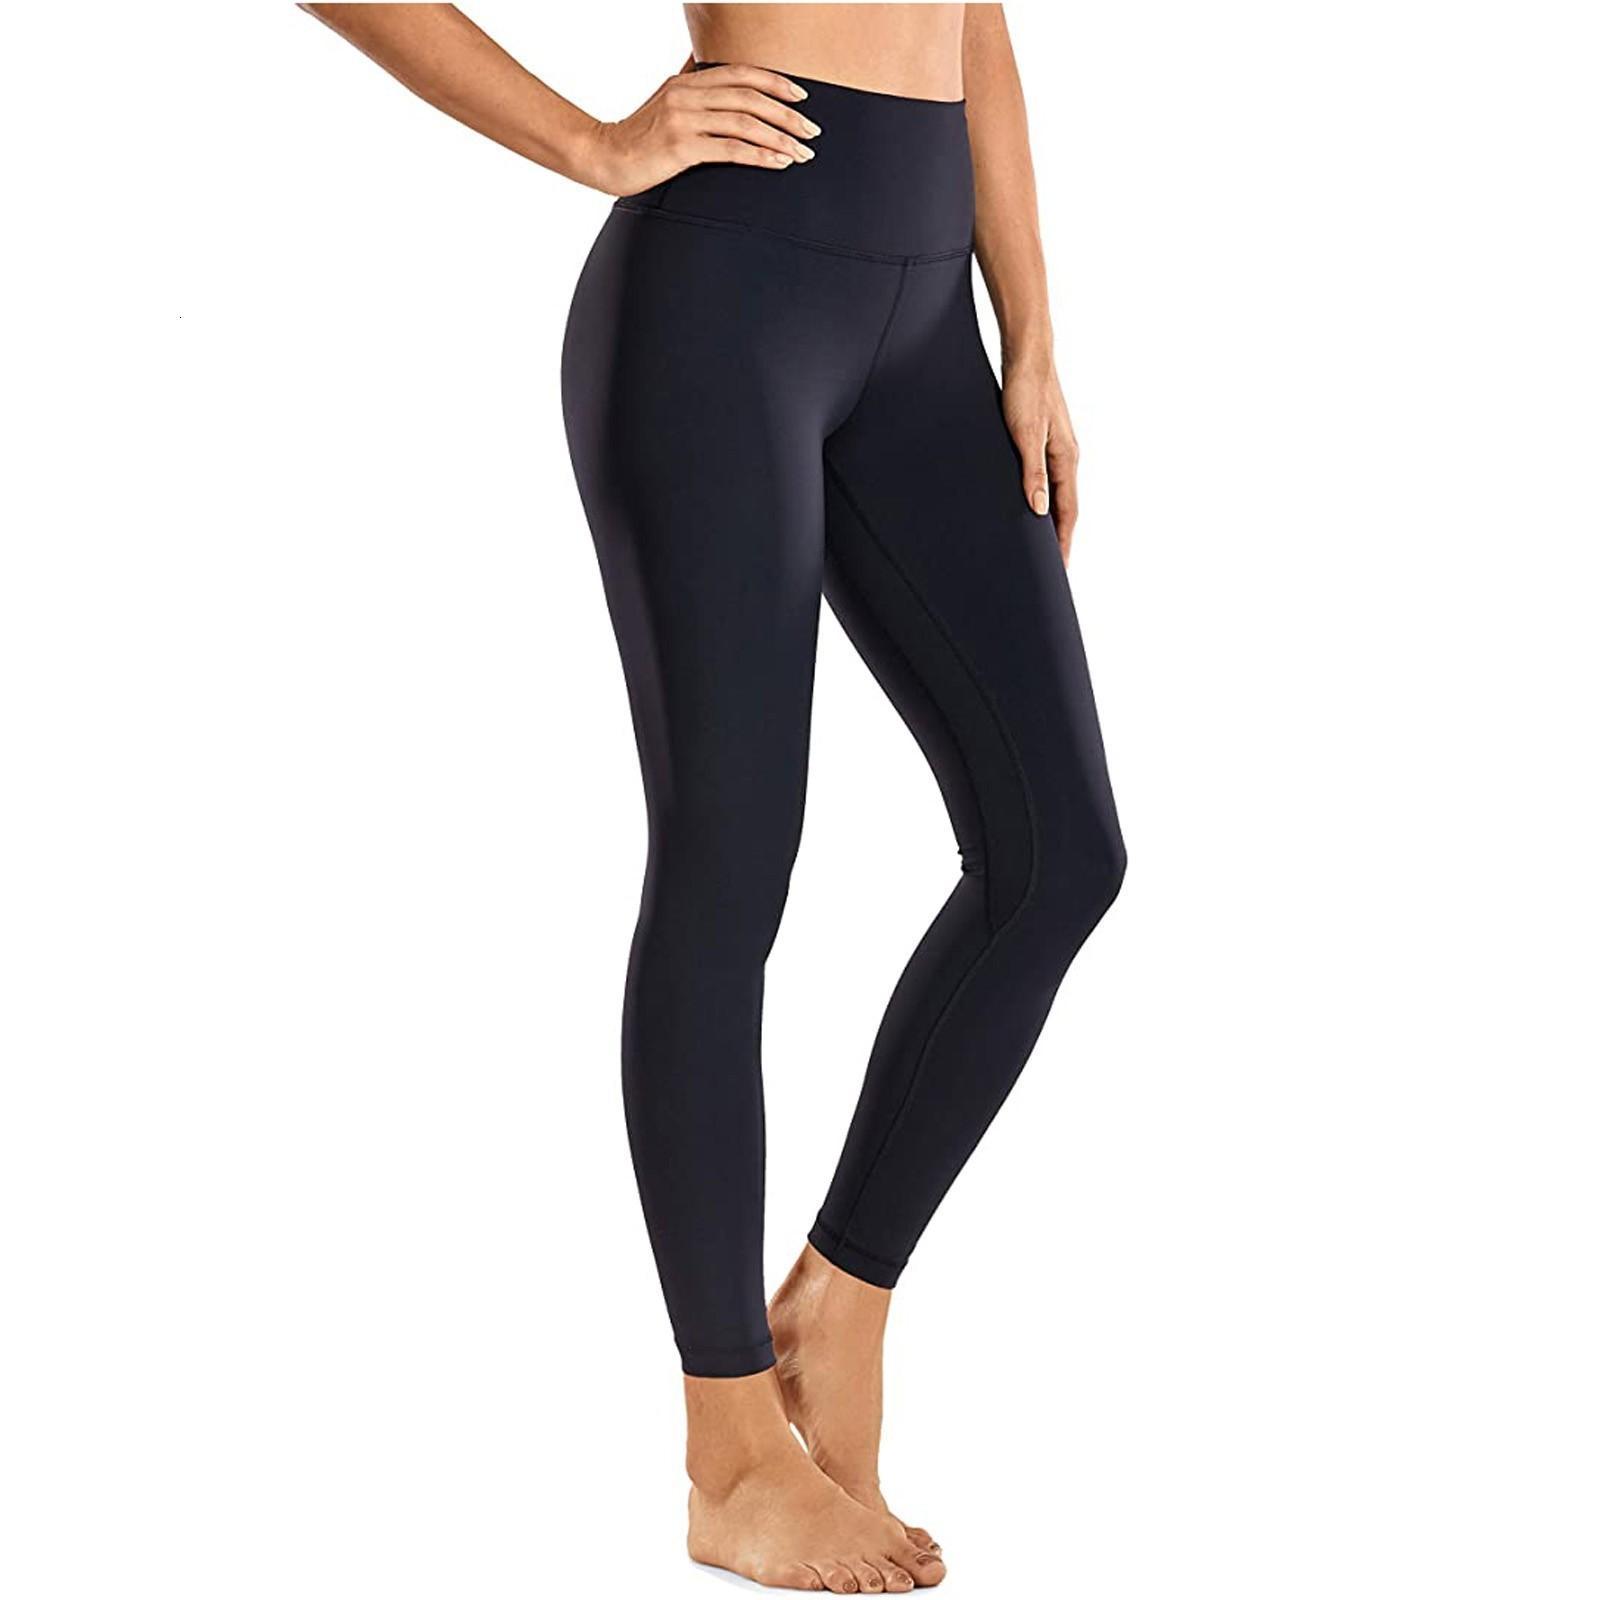 Sıcak Stil Fitness 30. # Kadınlar Leggins Çıplak Duygu Orta-Taille İhtiyaçsız Tozluk Broek Egzersiz Legging Milli Cep Bruki Kadın